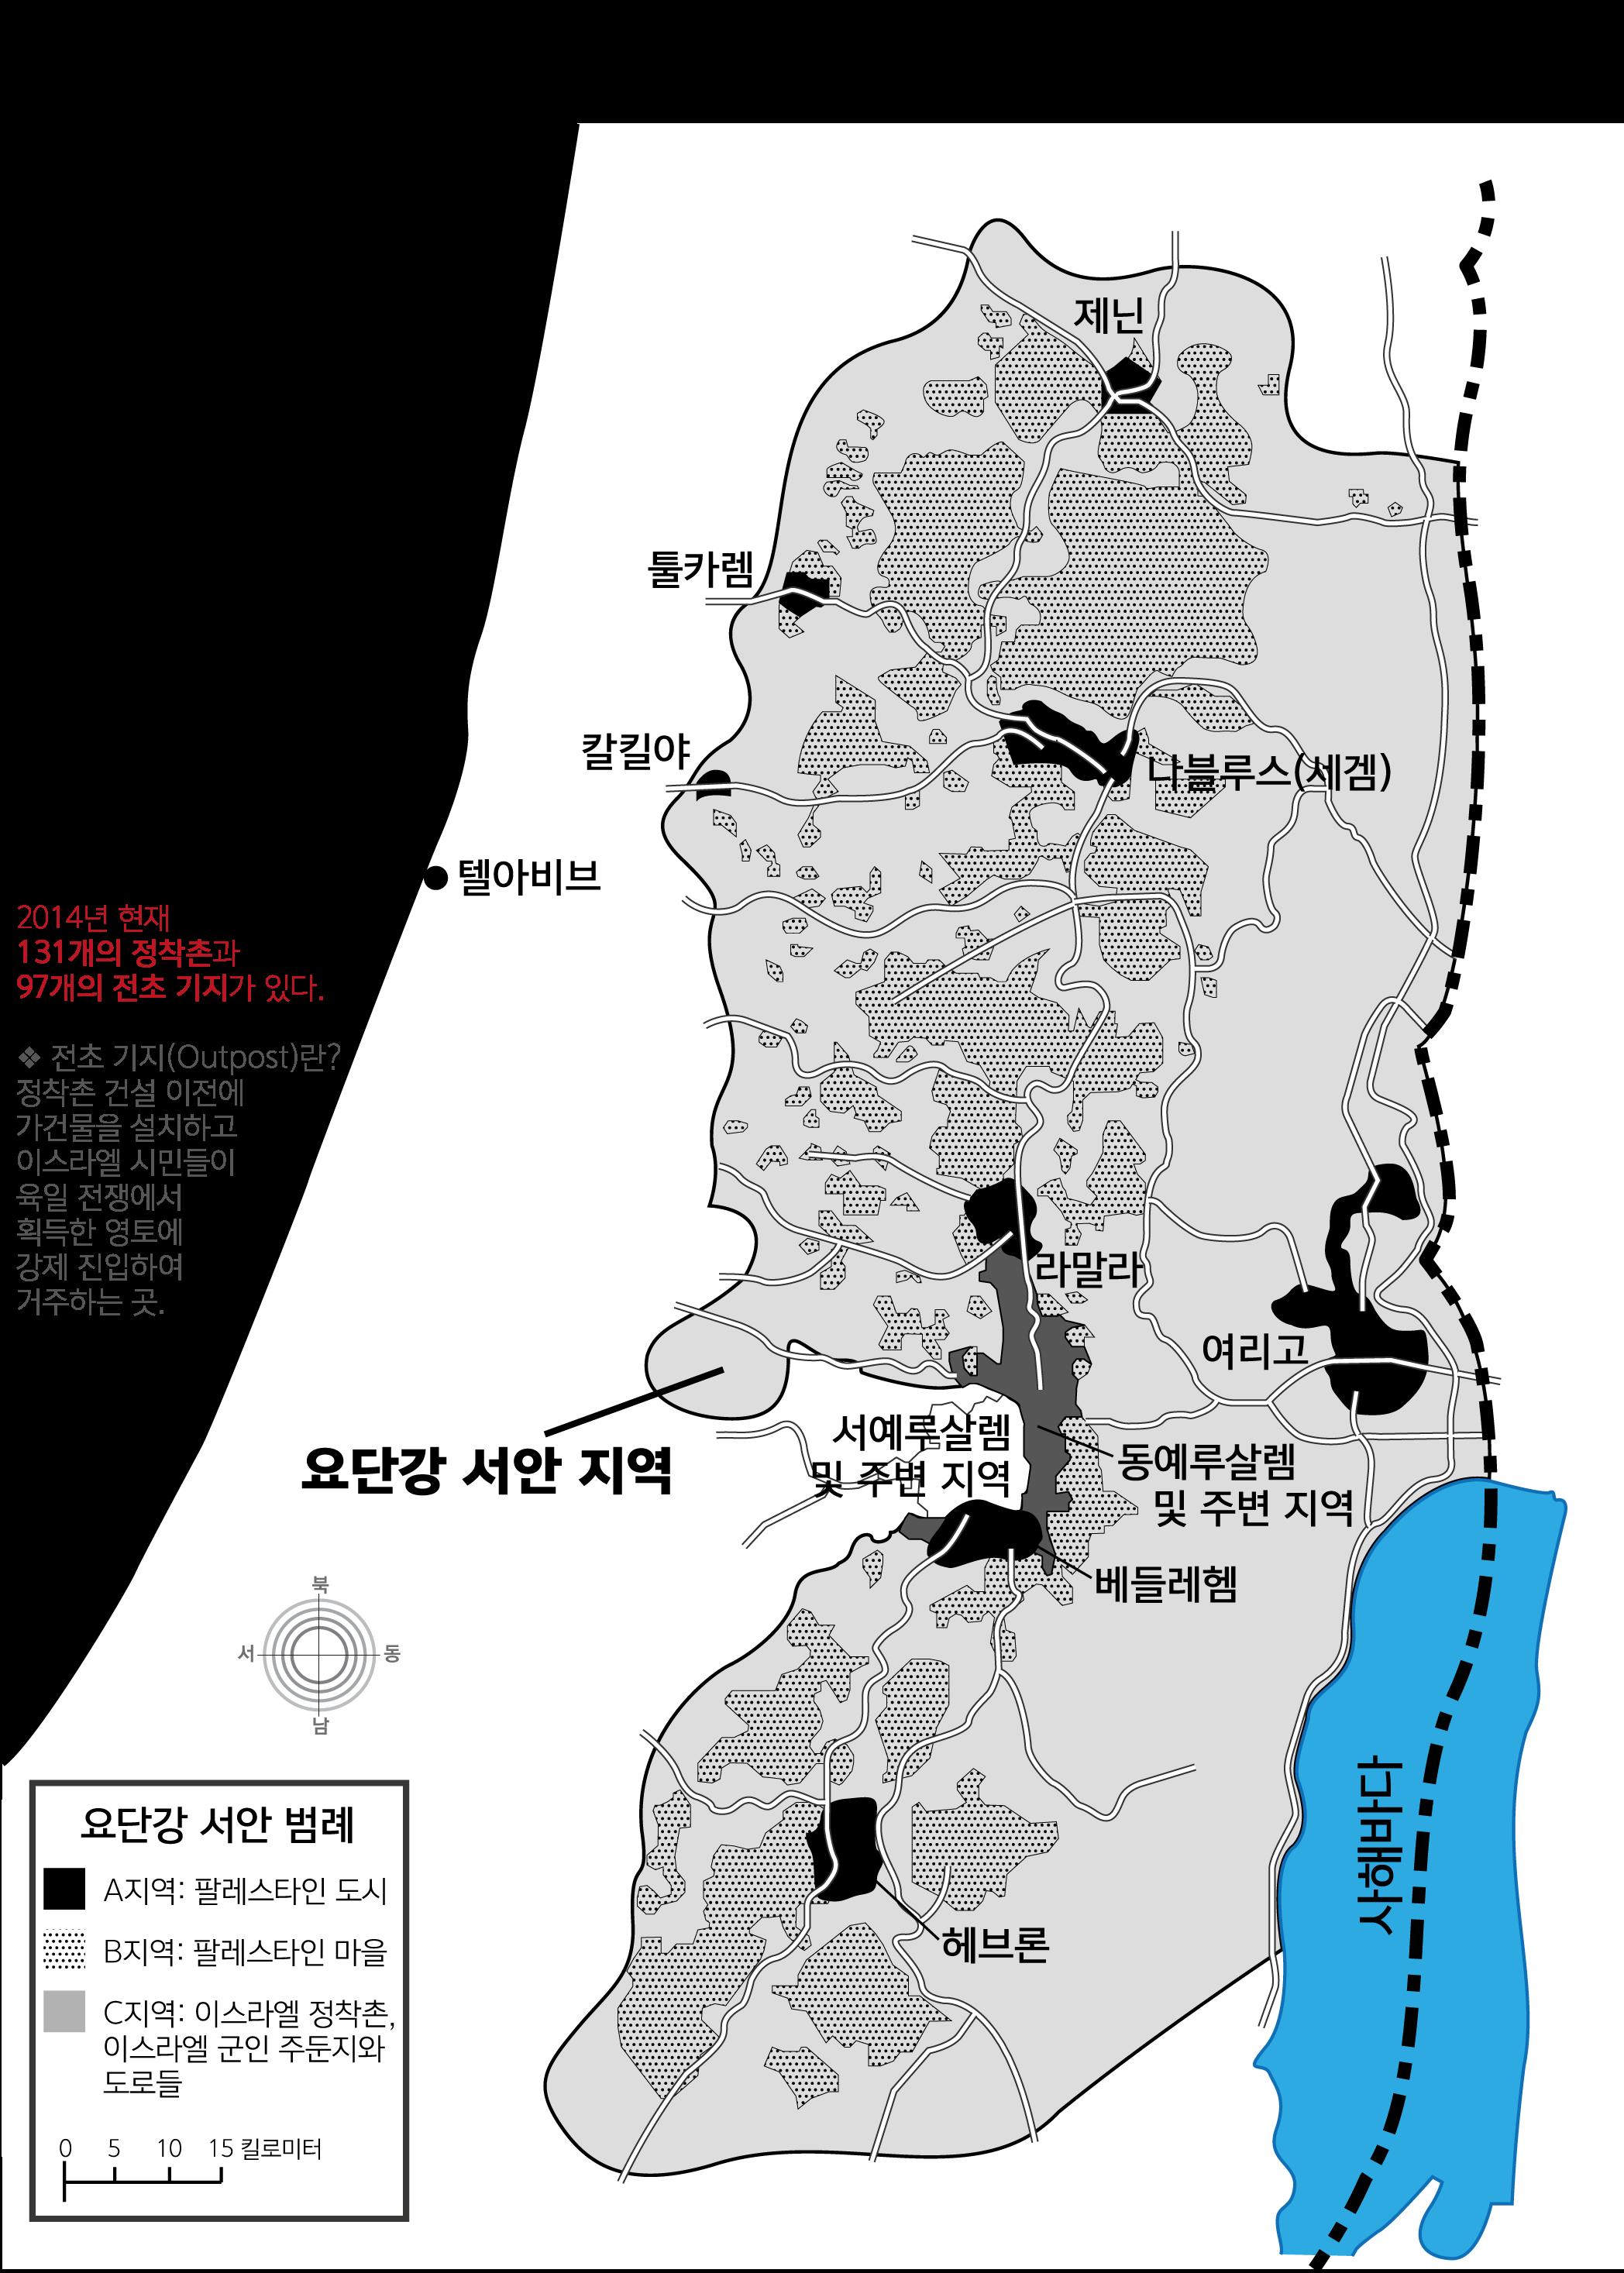 요단강 서안 지역 (West Bank) 구분